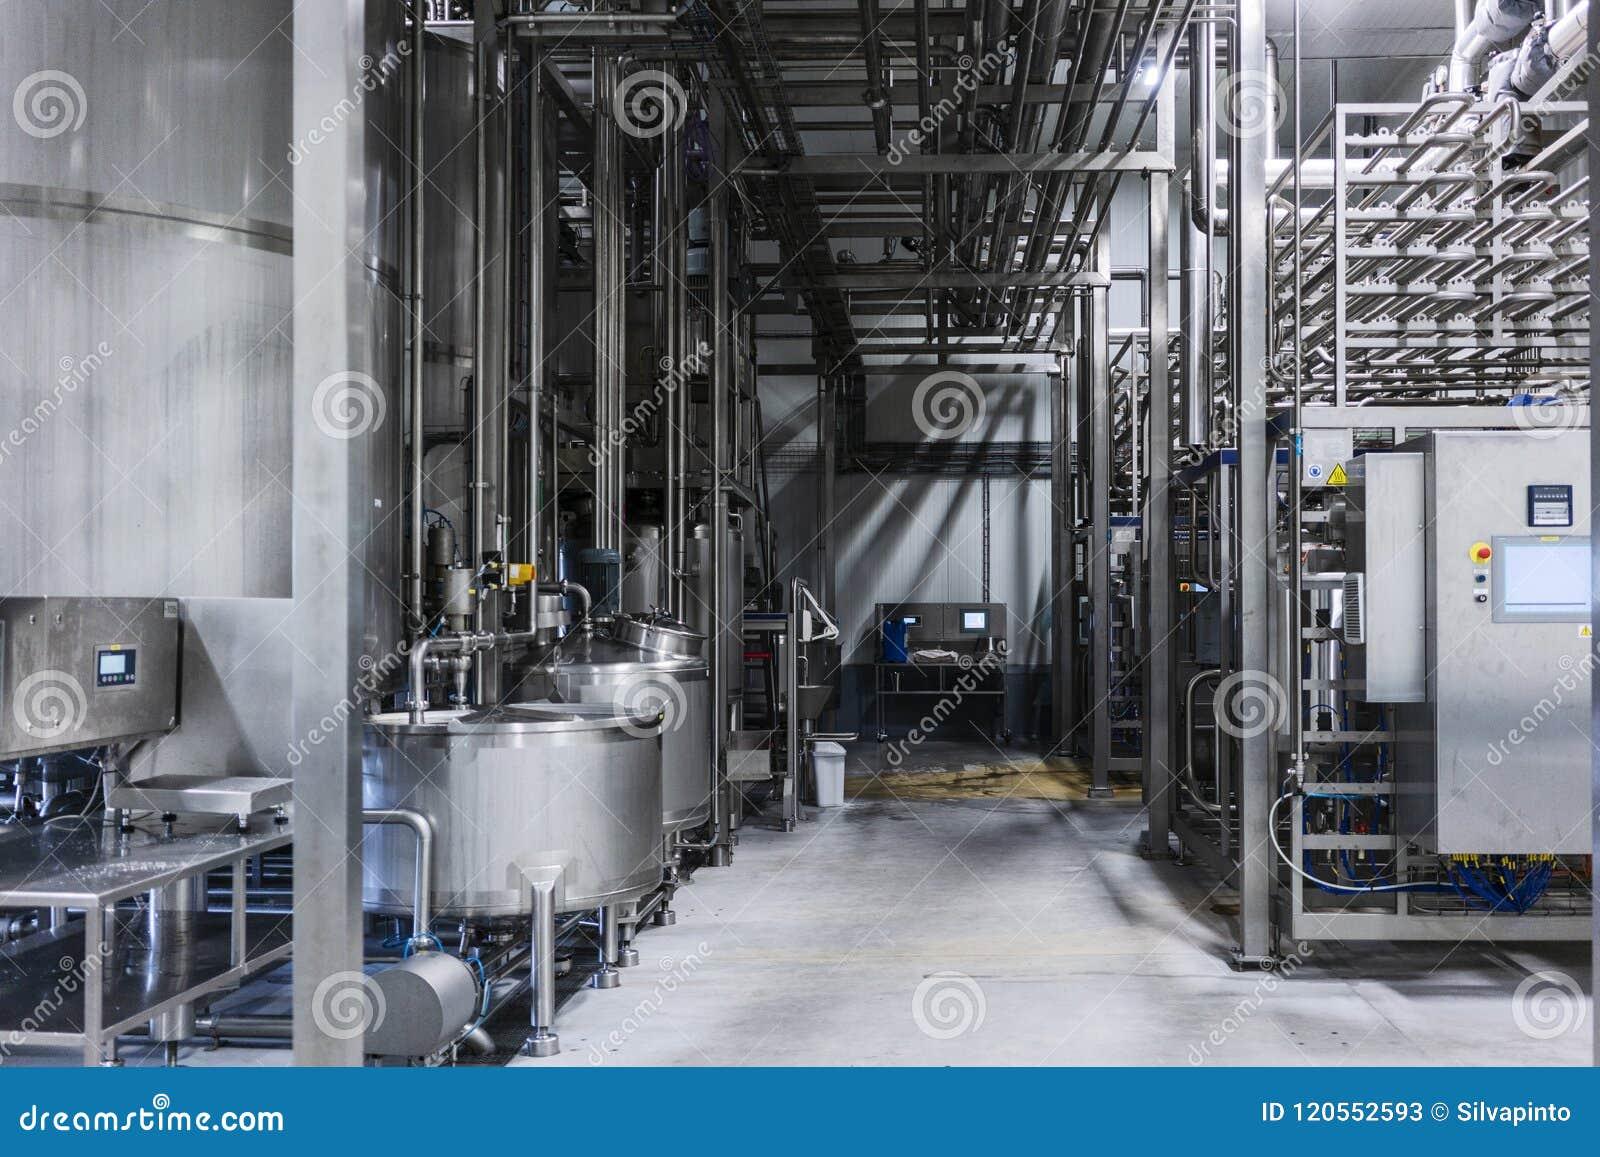 Κύλινδροι στο εργοστάσιο ποτών Βιομηχανική φωτογραφία